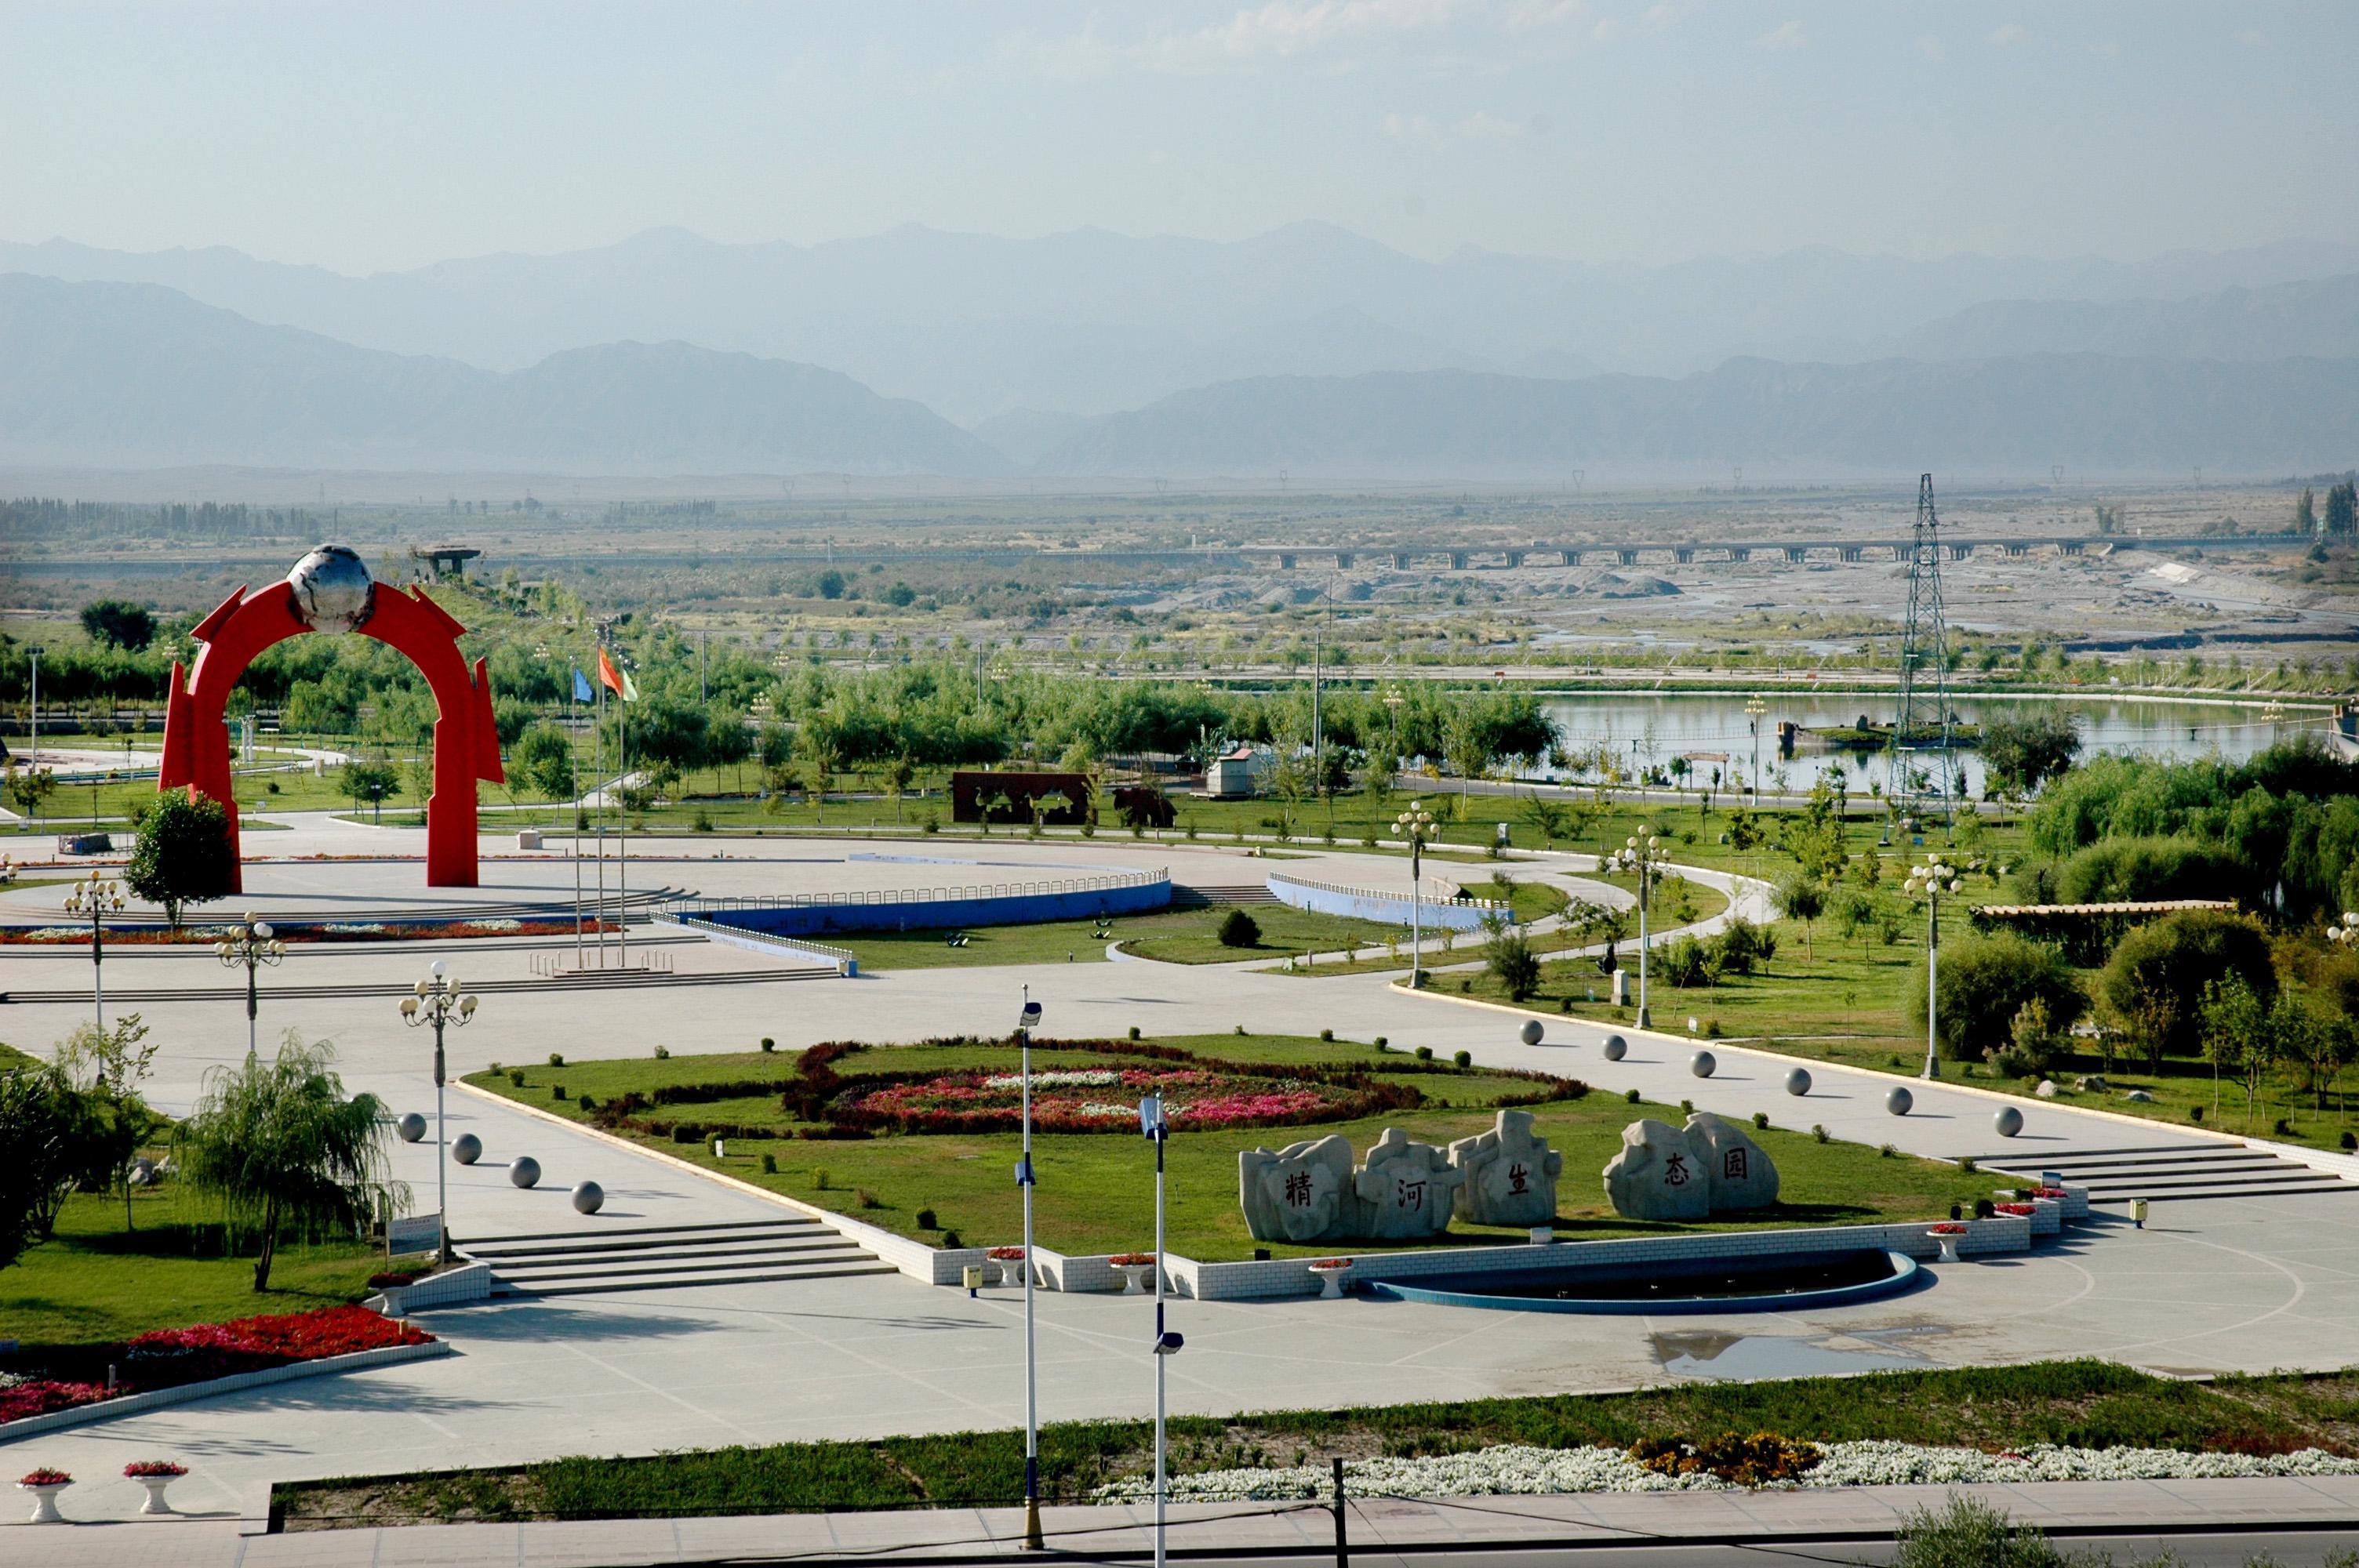 滨河风景区由精河县生态园,滨河绿地和精河县人民公园三部分组成.